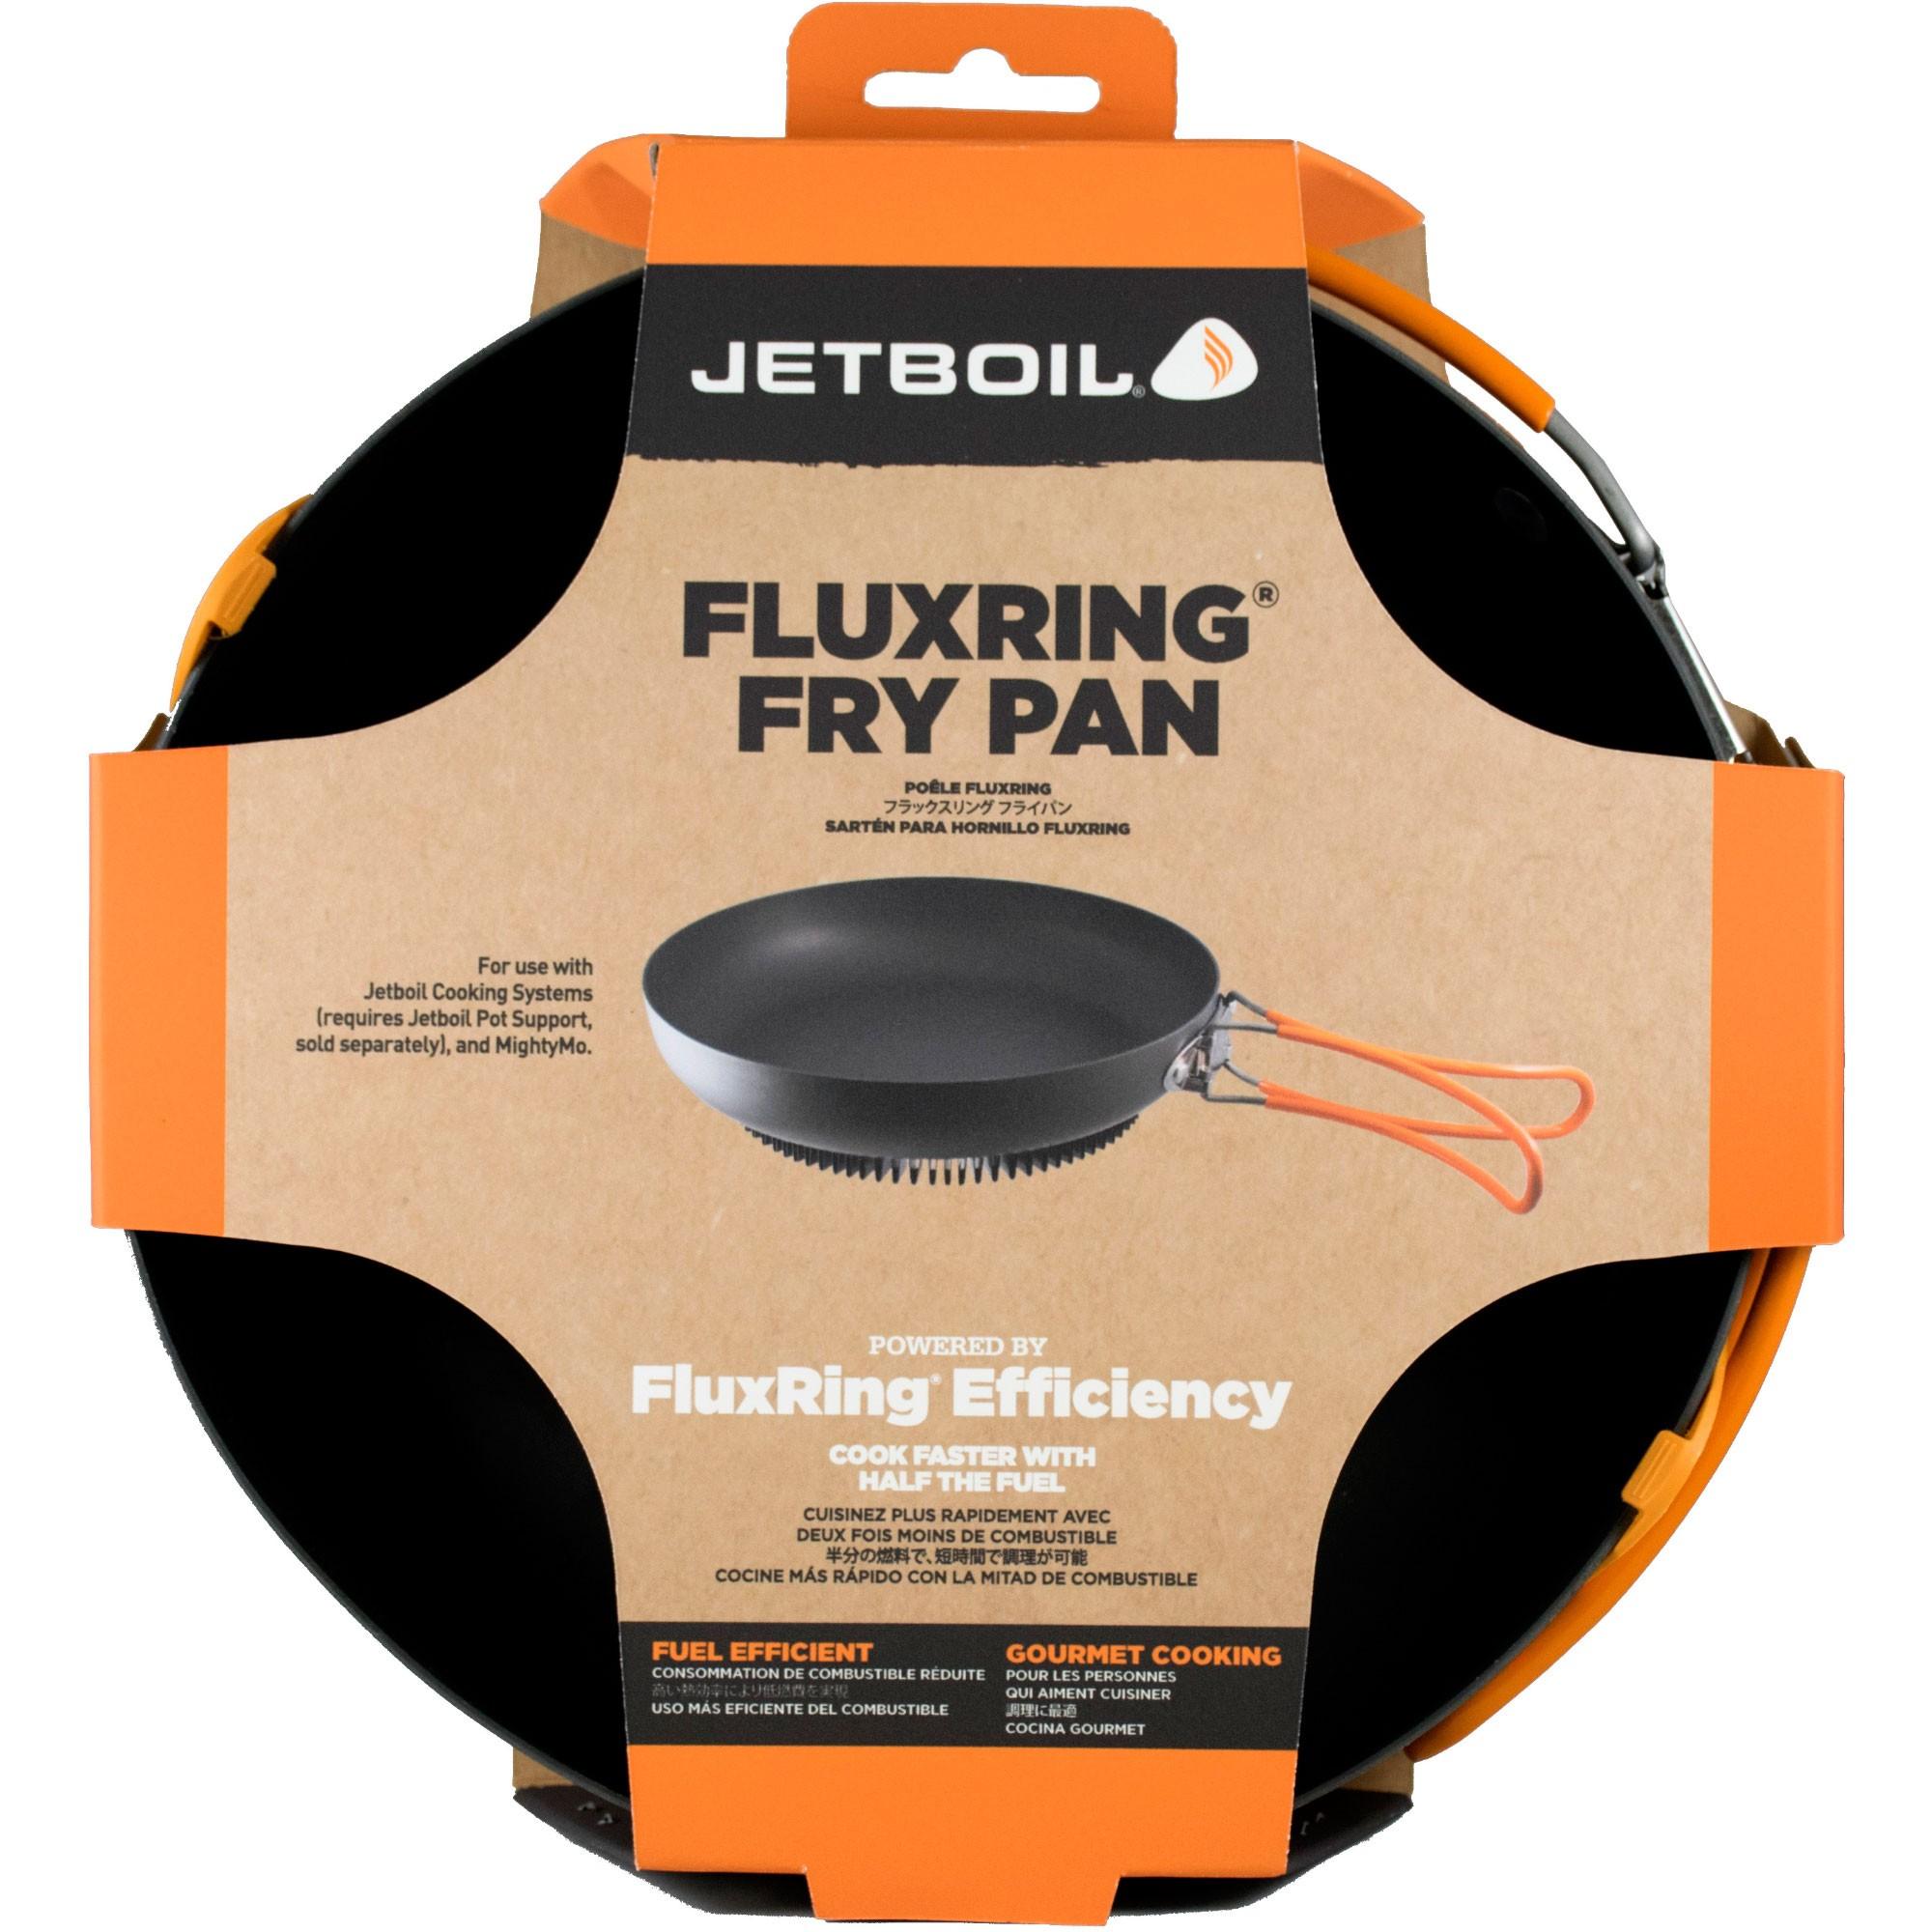 Jetboil FluxRing Fry Pan Black